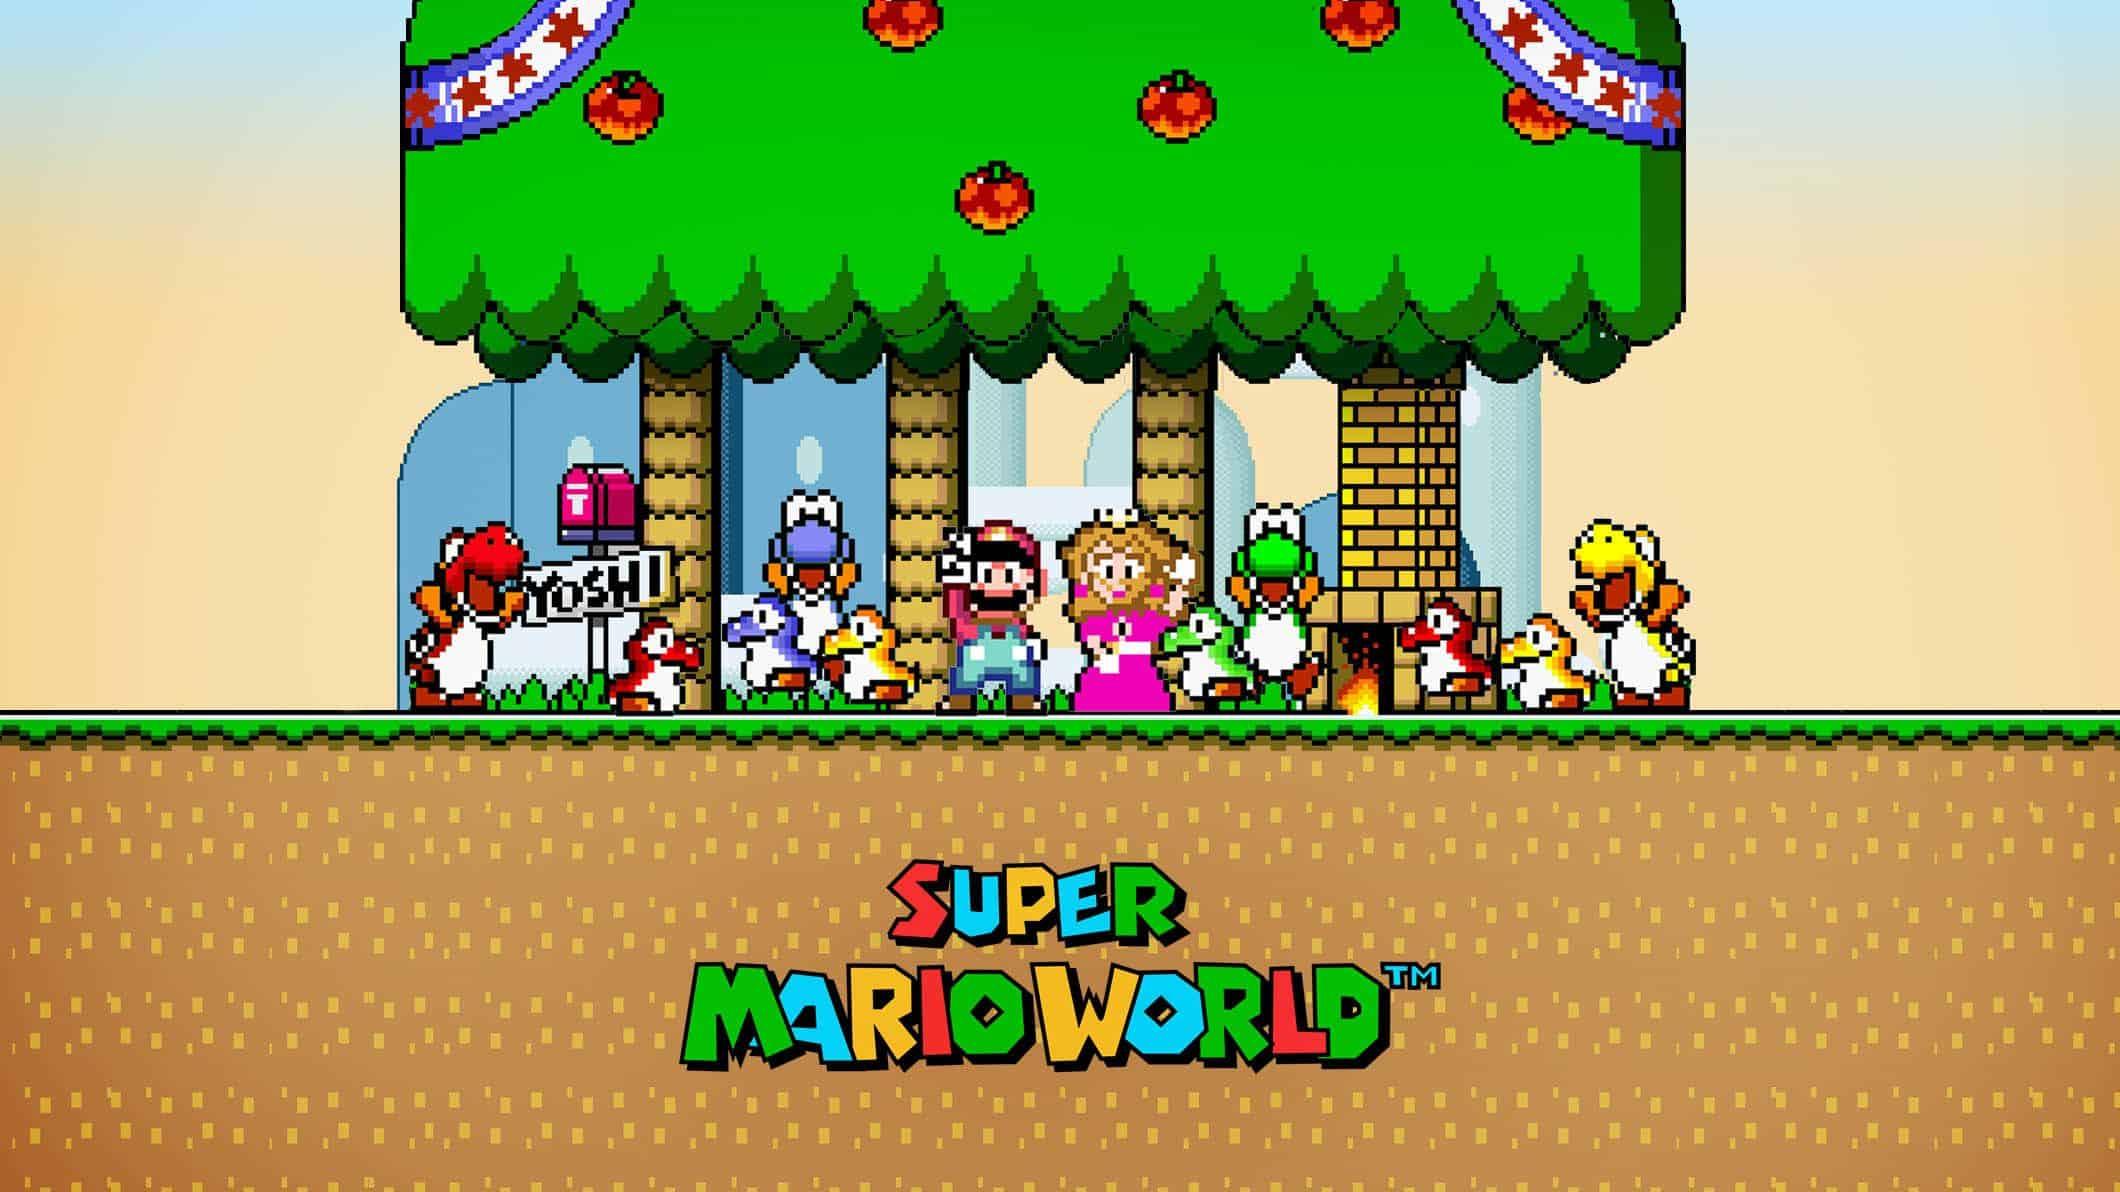 Best Super Mario Games - Super Mario World